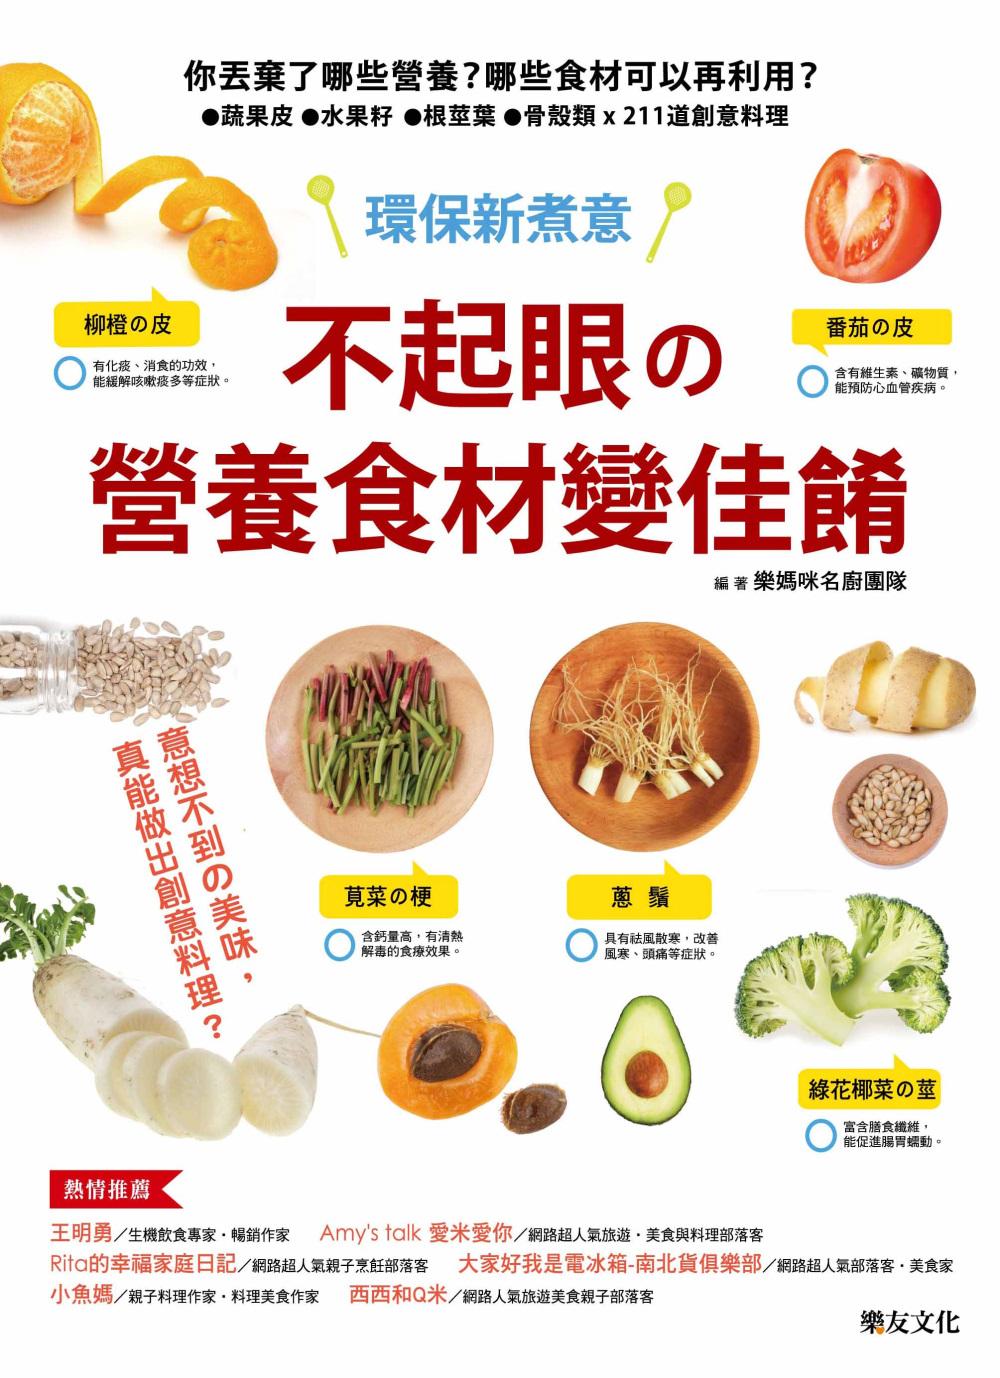 不起眼的營養食材變佳餚:你丟棄了哪些營養?哪些食材可以再利用?蔬果皮.水果籽.根莖葉.骨殼類 x 211道創意料理